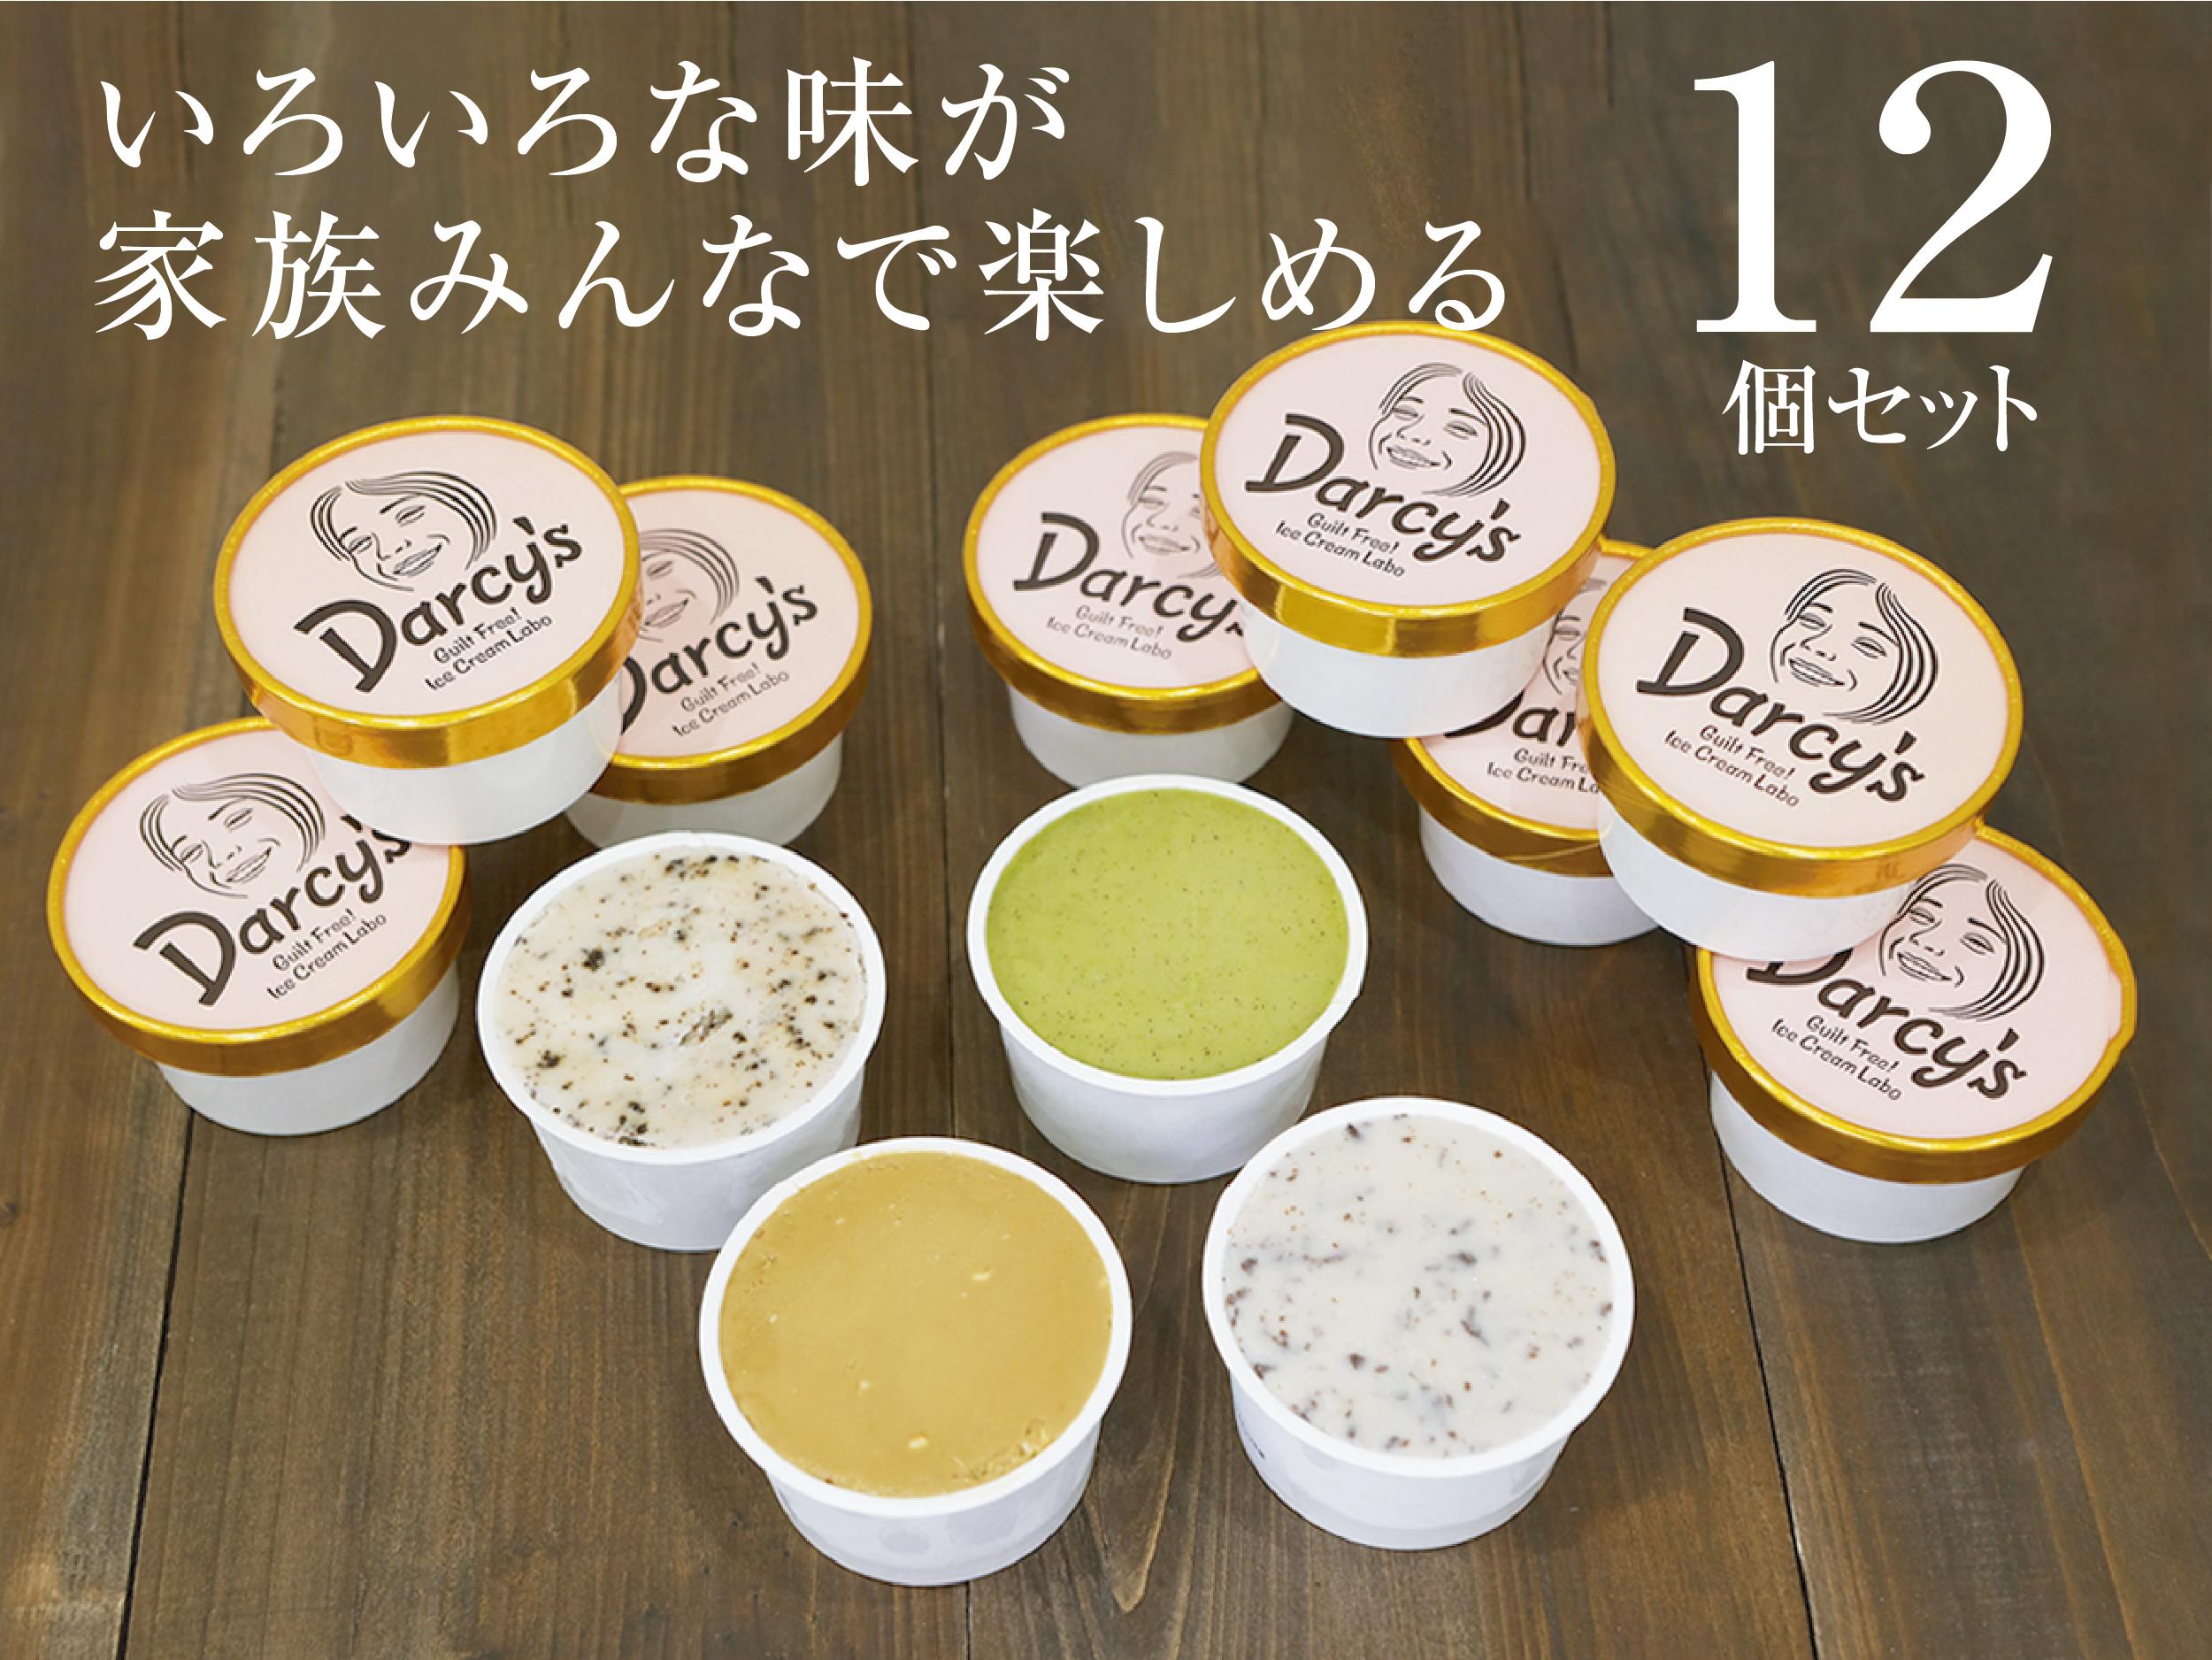 ギルトフリー】ダシーズ アイスクリーム 12個セット | ベネちゃんSHOP ...